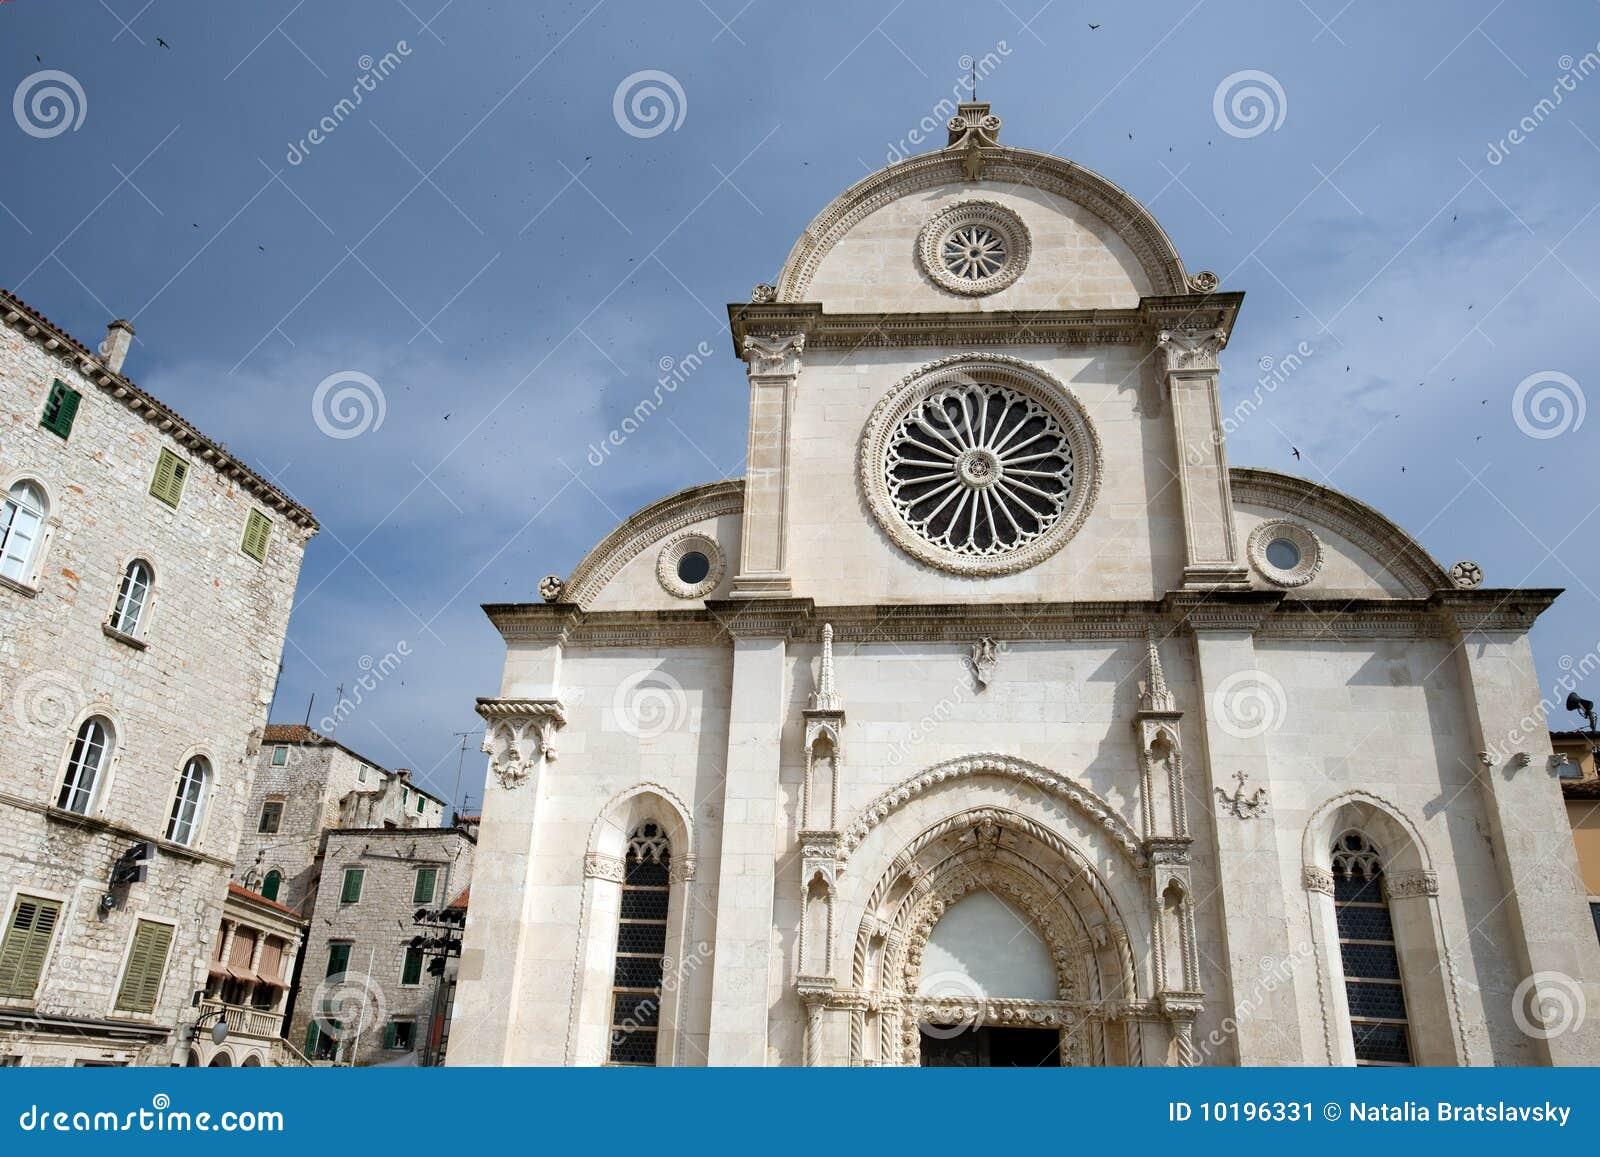 Sibenik Landmarks Stock Image Image 10196331